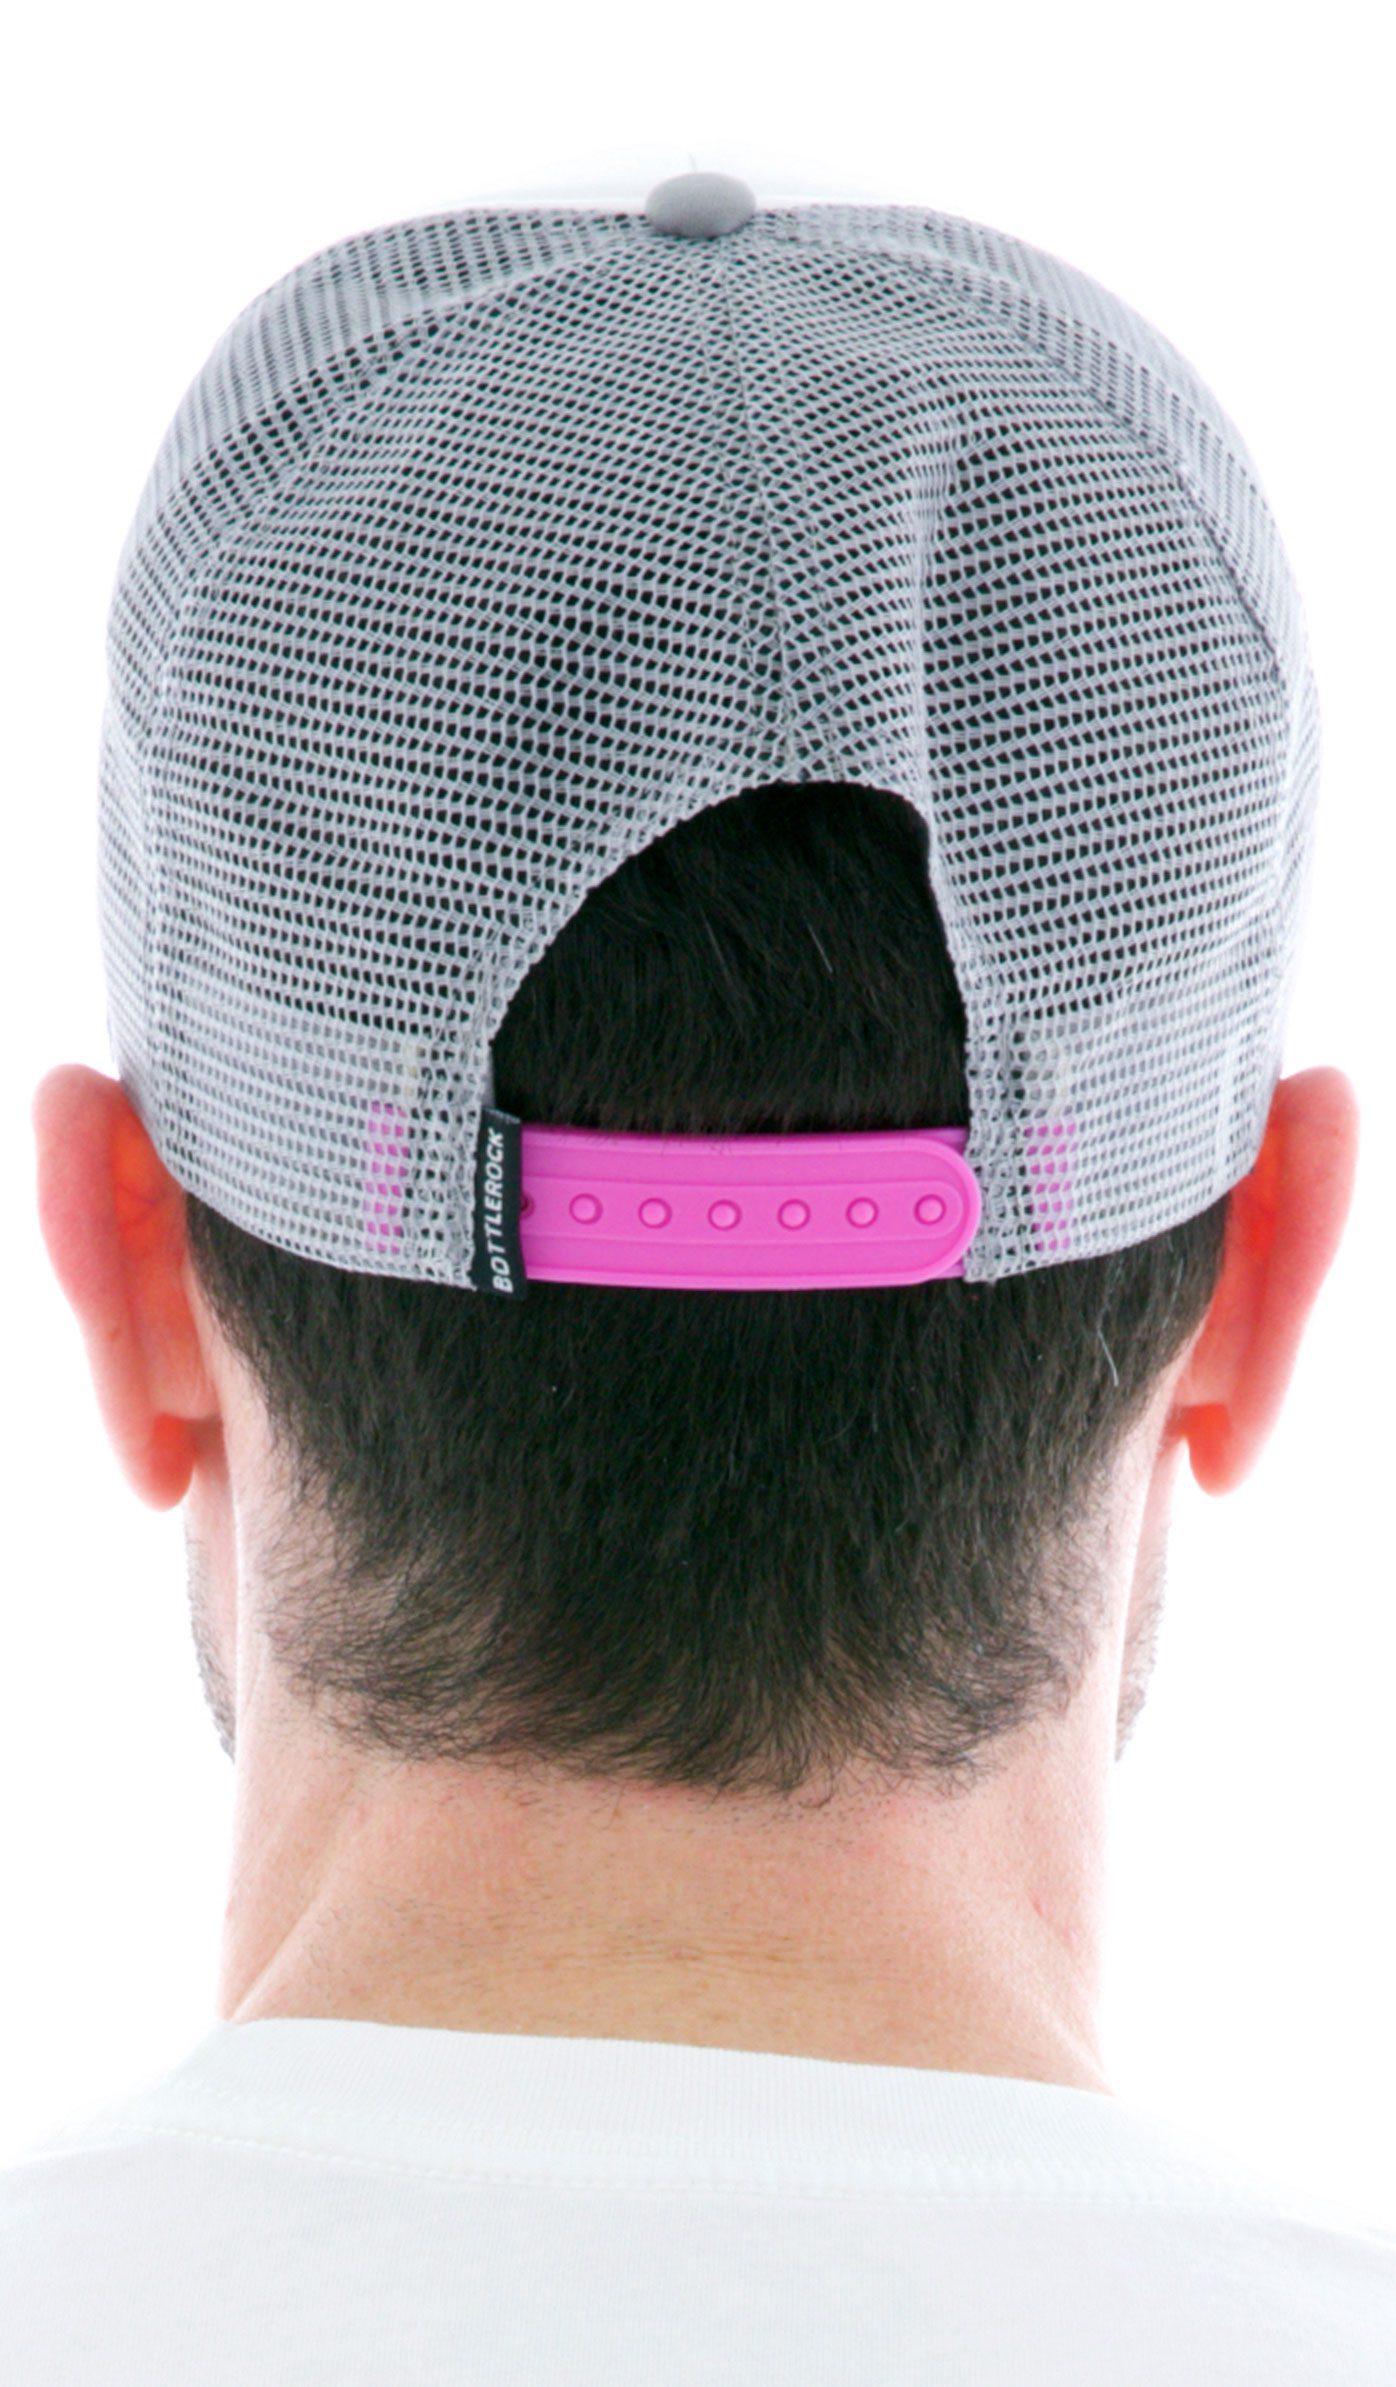 Foam Mesh Trucker Hats